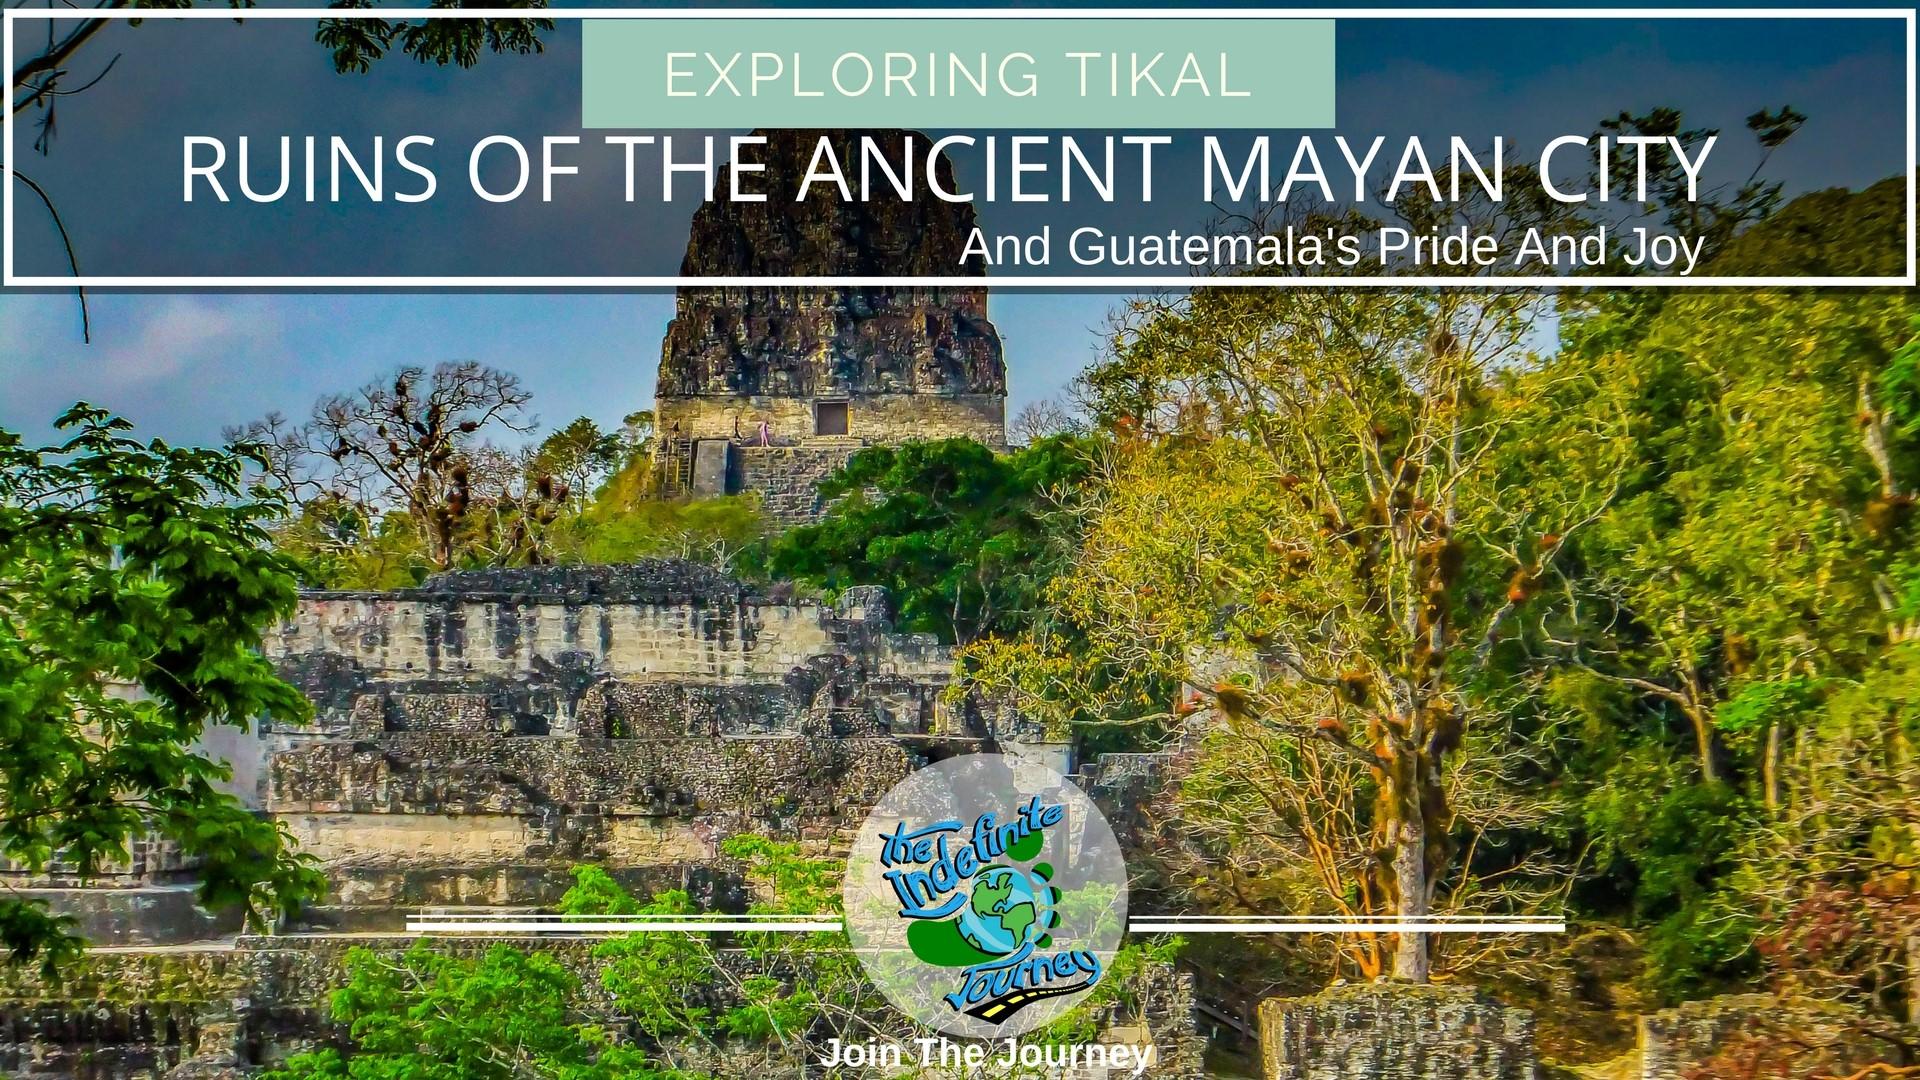 Exploring Tikal - Ruins Of The Ancient Mayan City And Guatemala's Pride And Joy